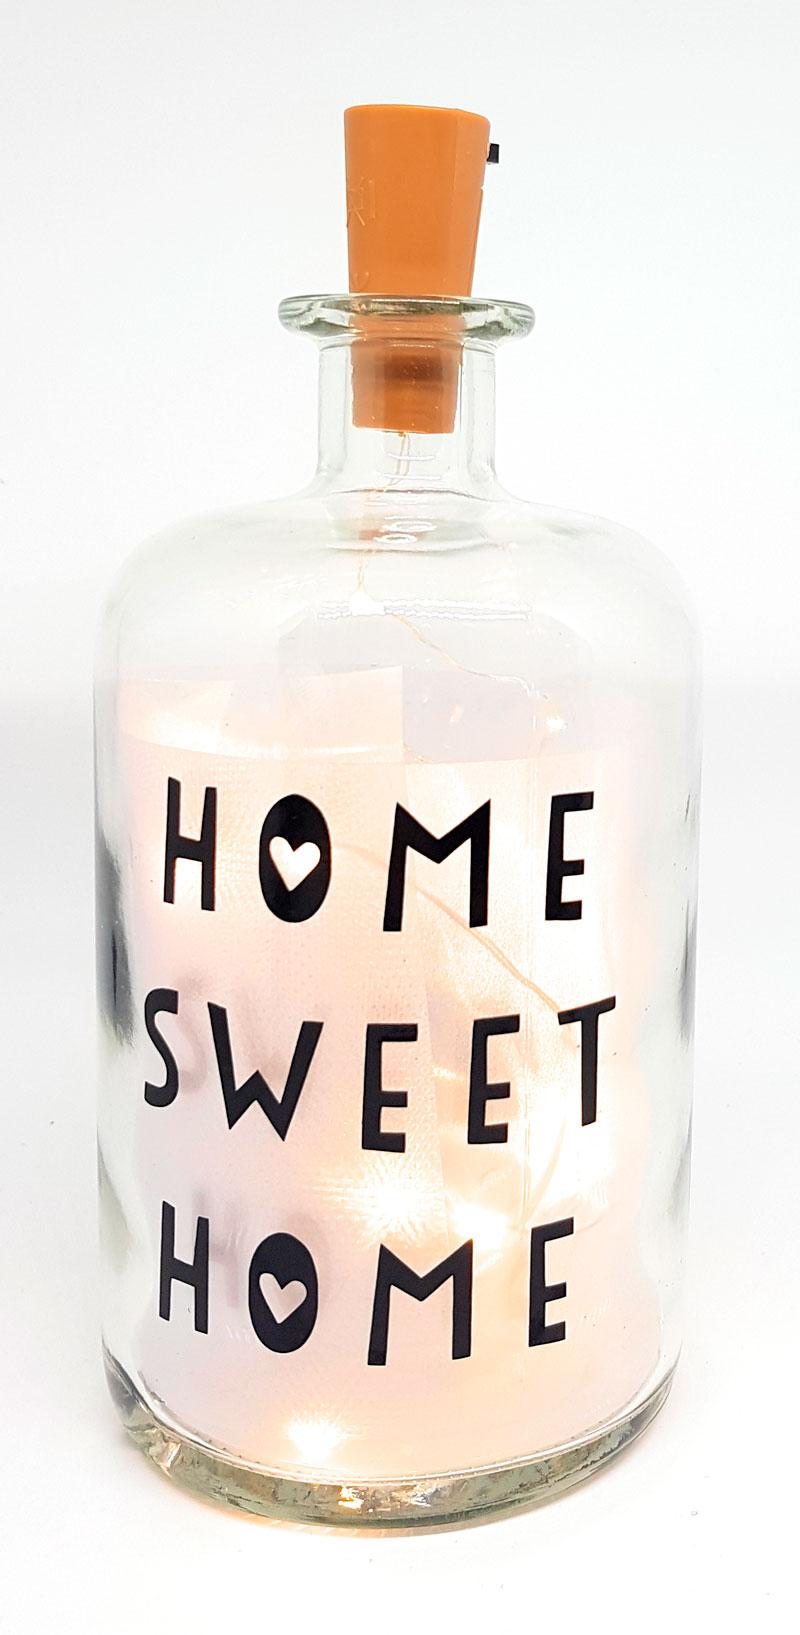 leuchtflasche-homesweethome-druckwunder-geschenkideen-onlineshop-kirchheim-hochdorf